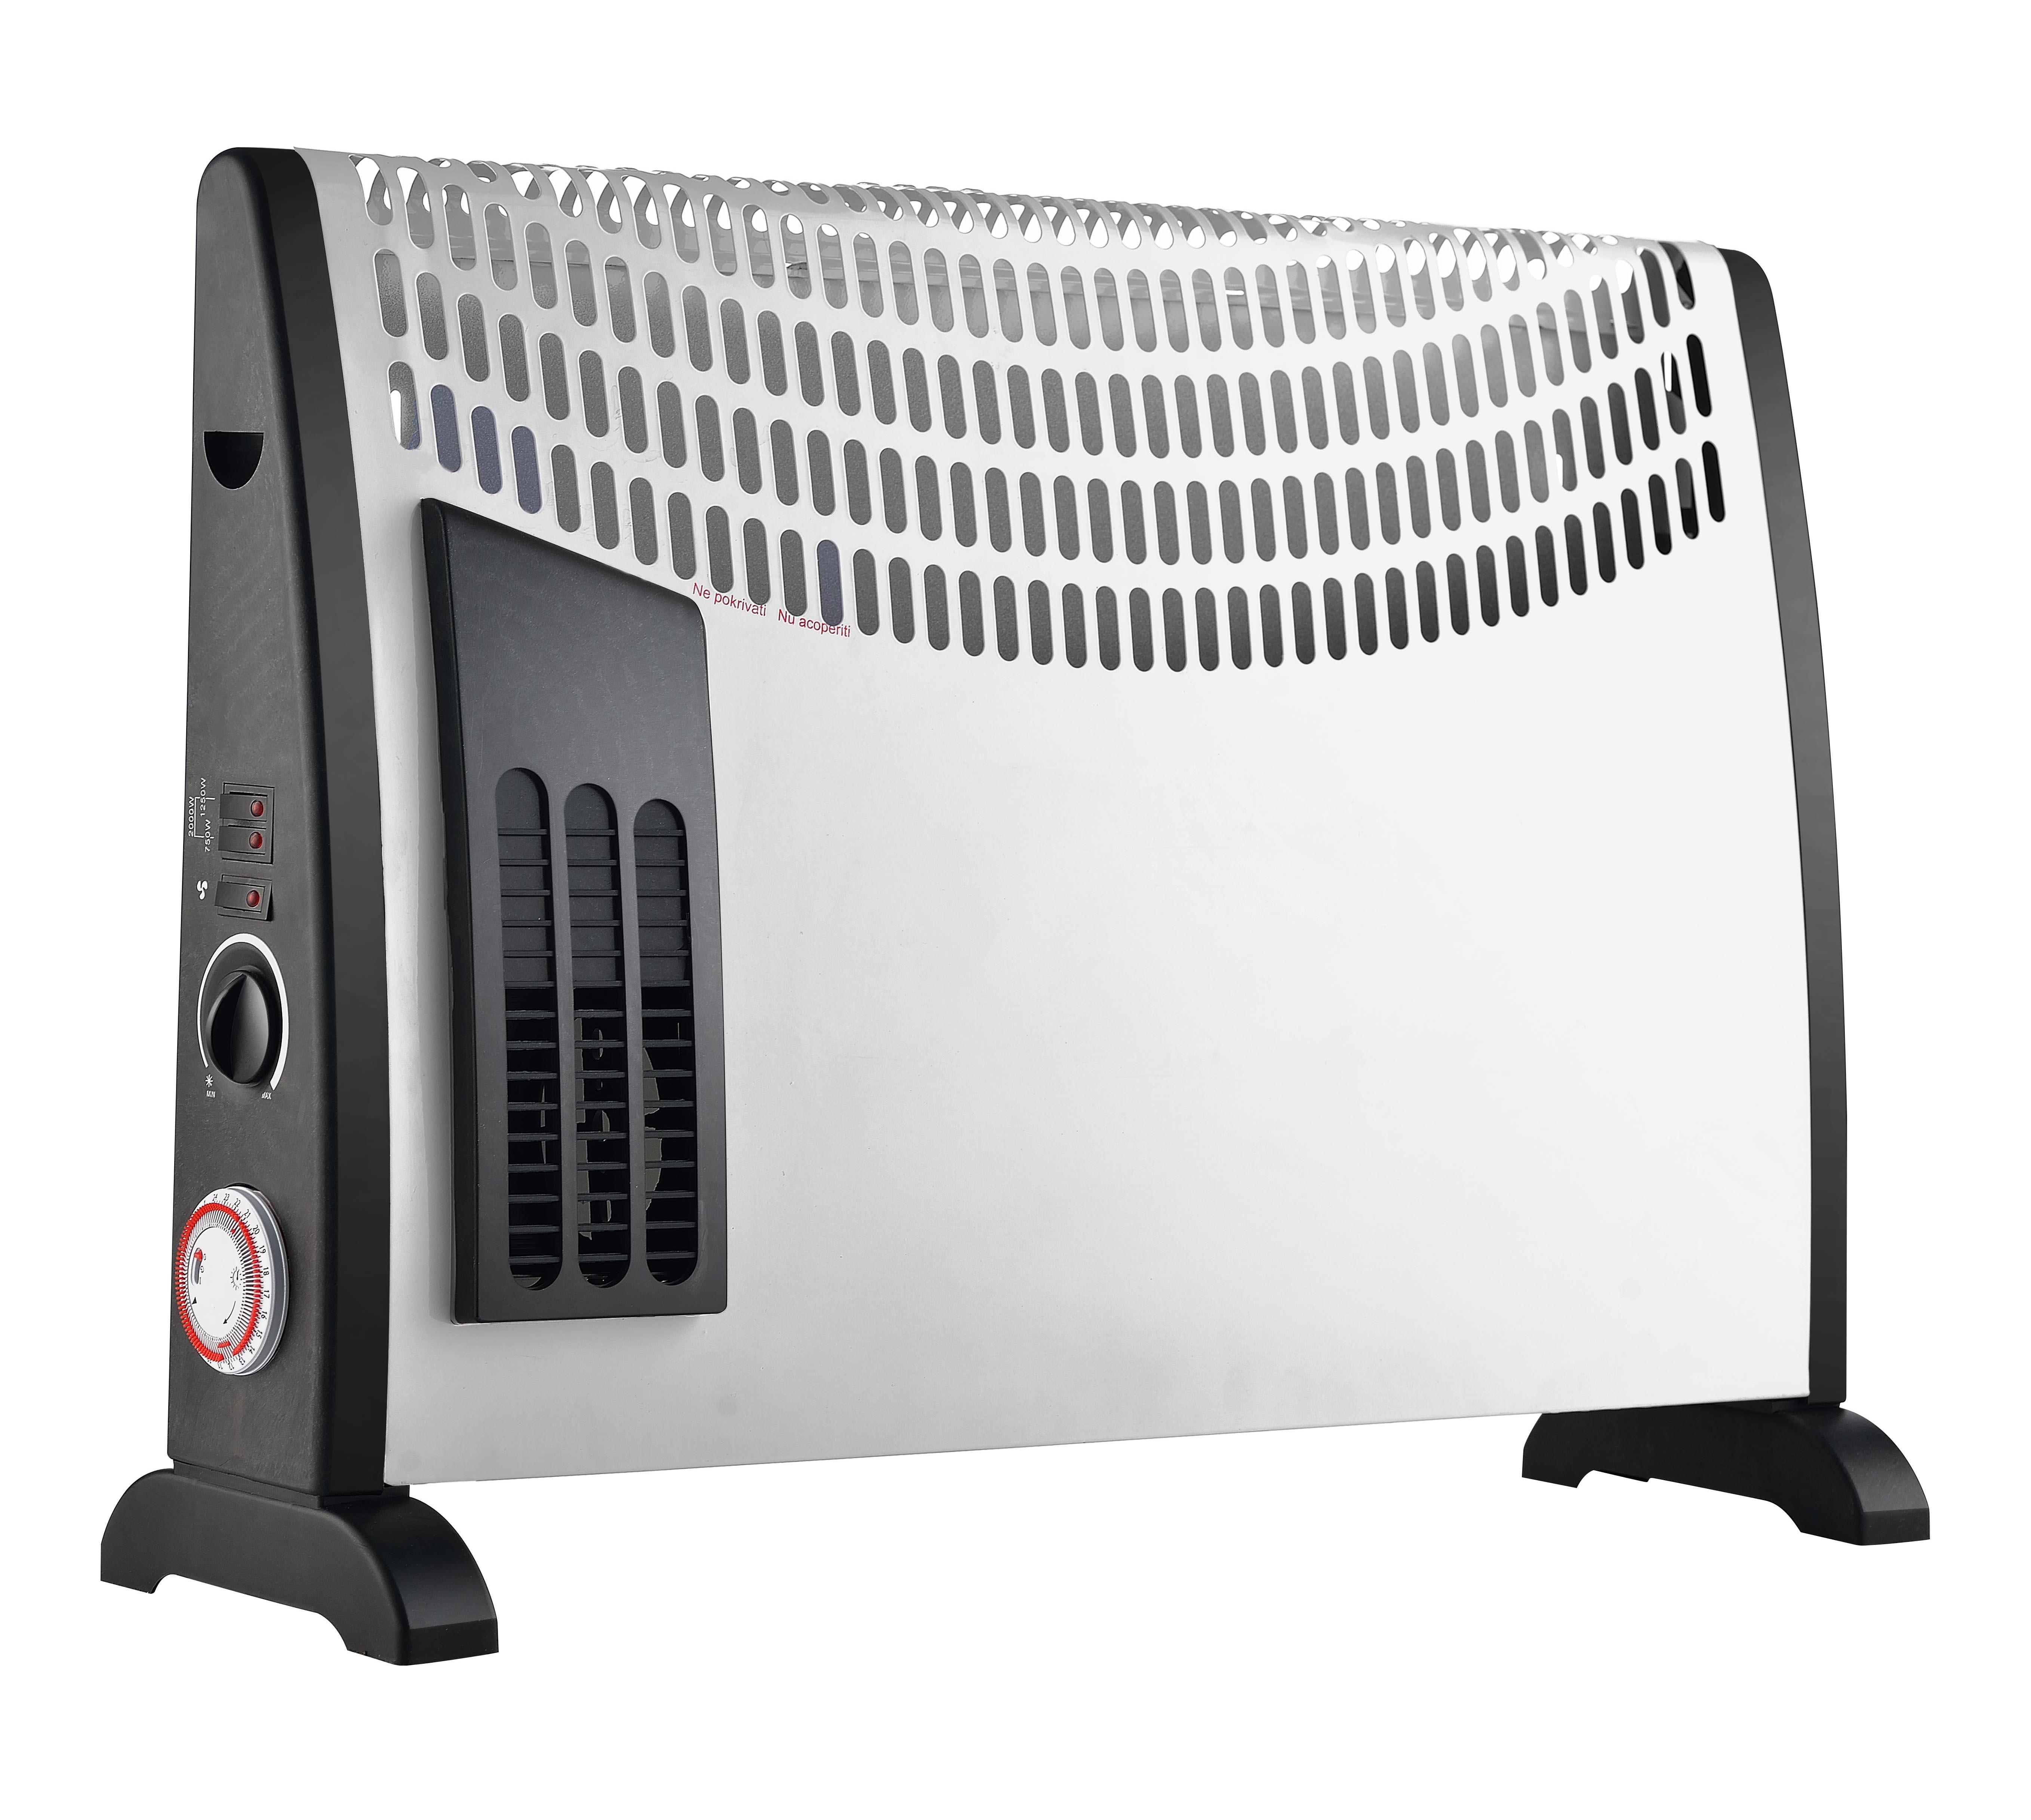 Stufe e termoconvettori elettrici | Il miglior prezzo su oltre ...